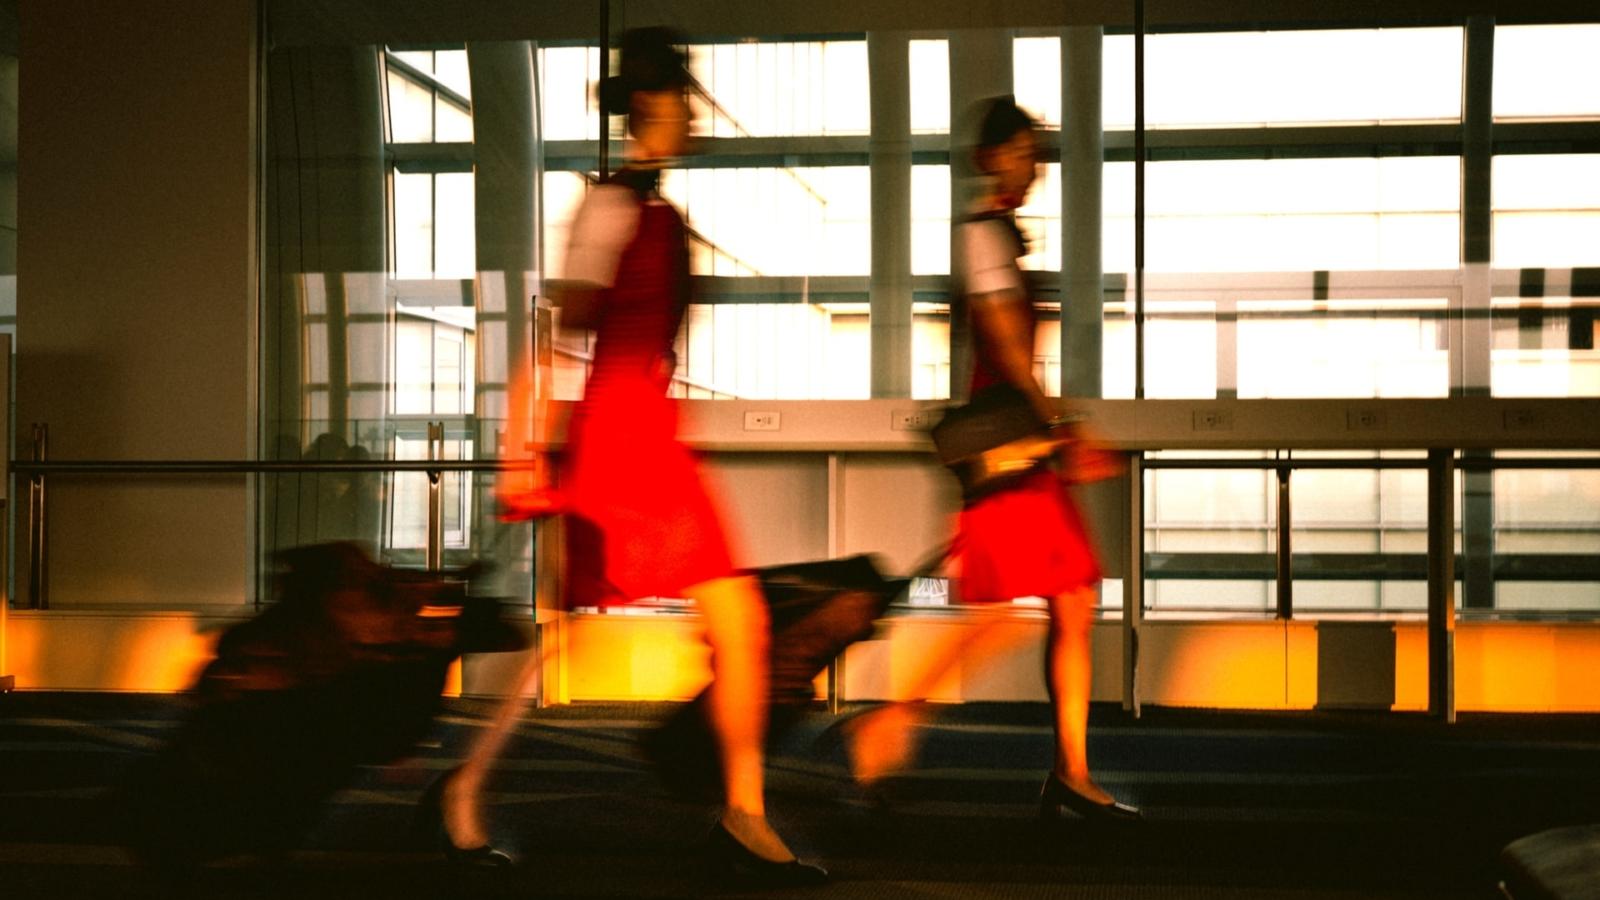 Stewardess - der Traumberuf als Flugbegleiterin?